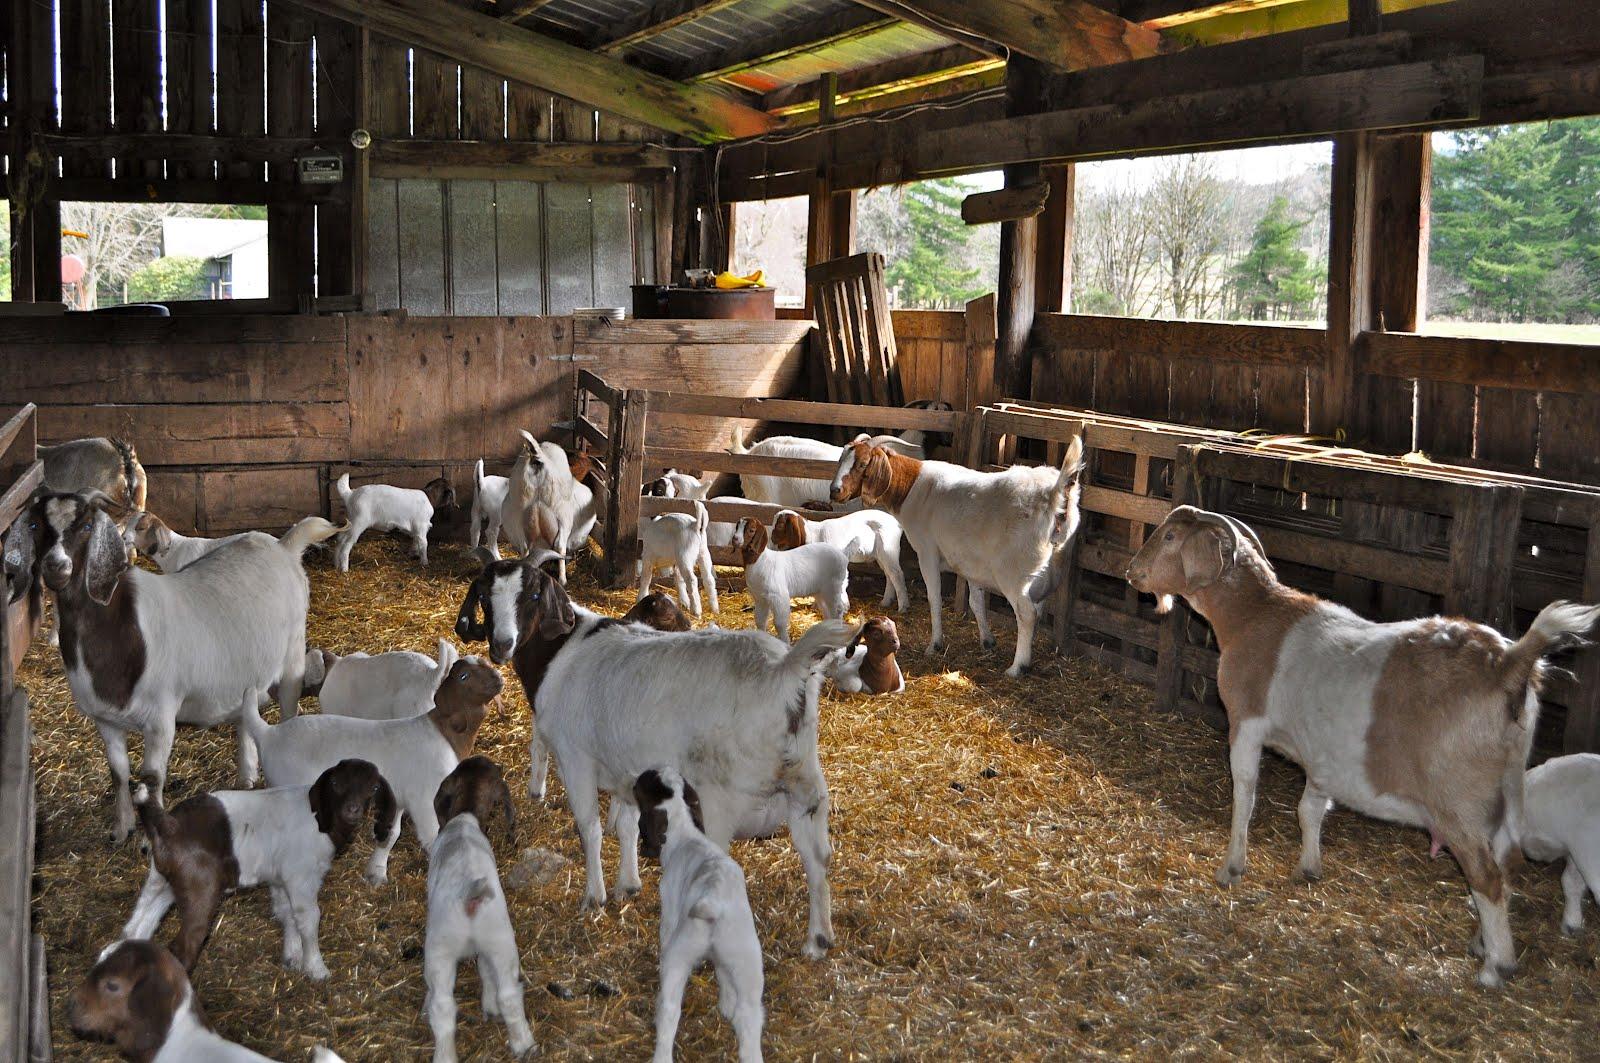 boer goat farming business plan pdf